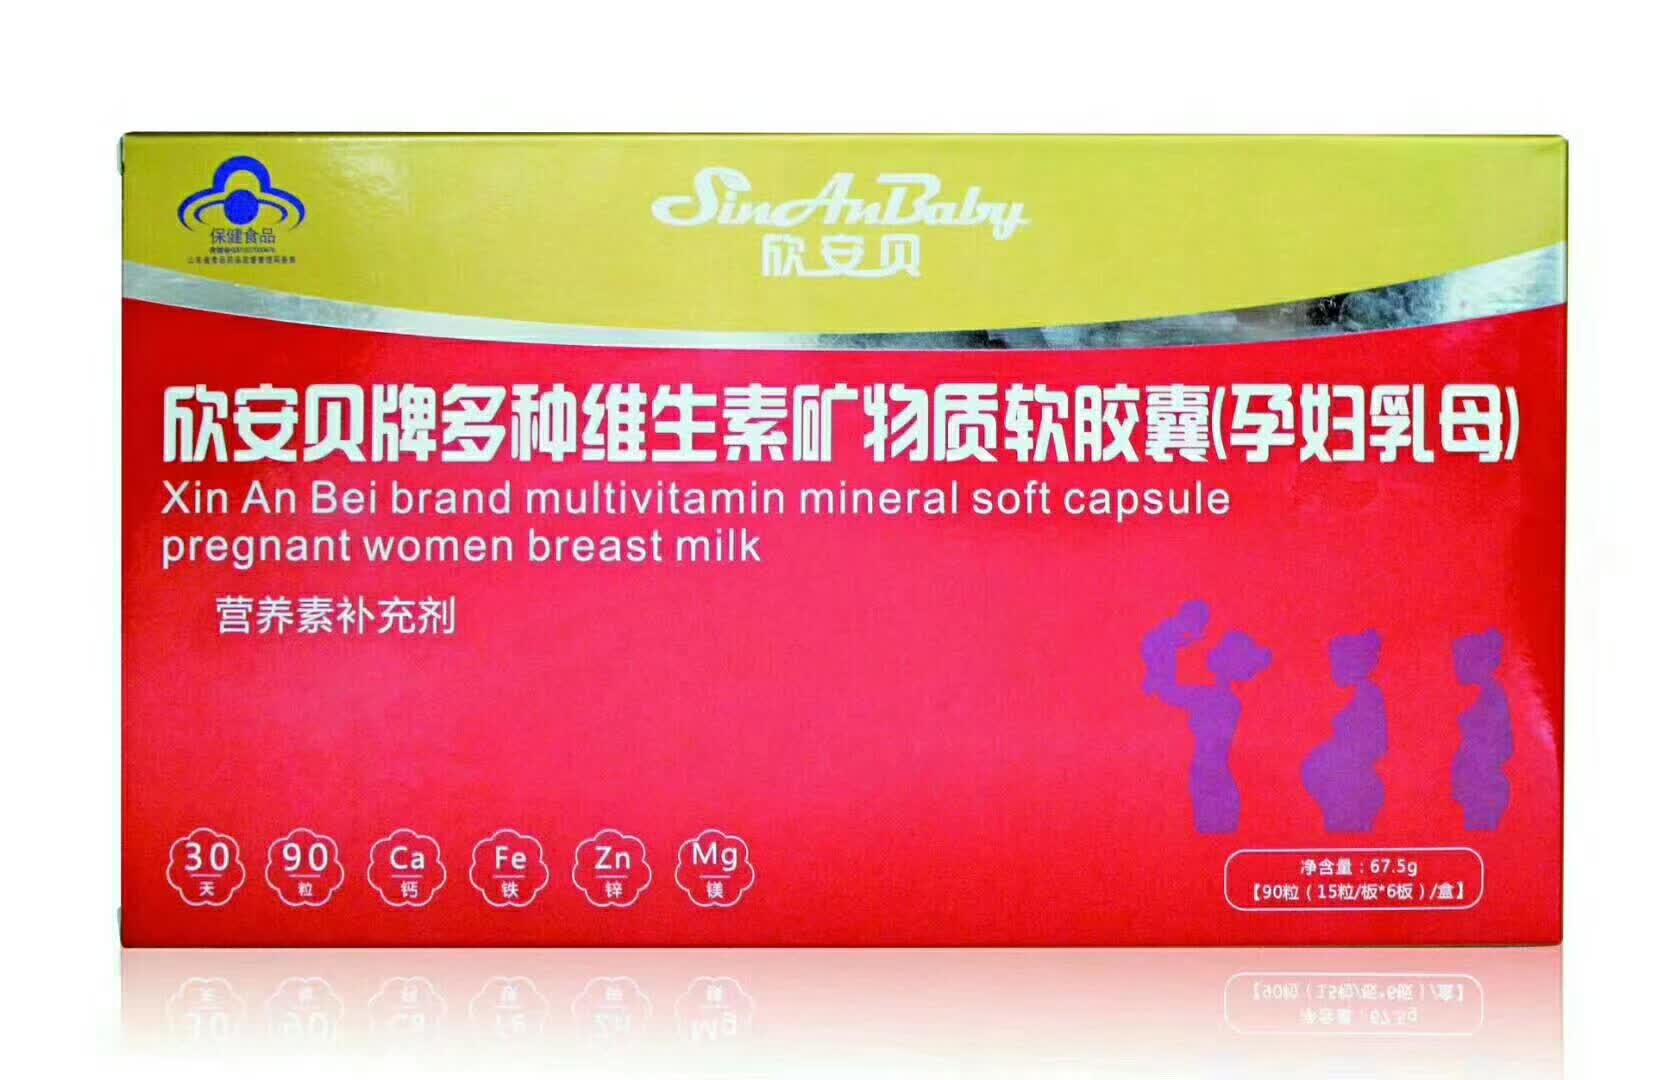 欣安贝牌多种维生素矿物质软胶囊